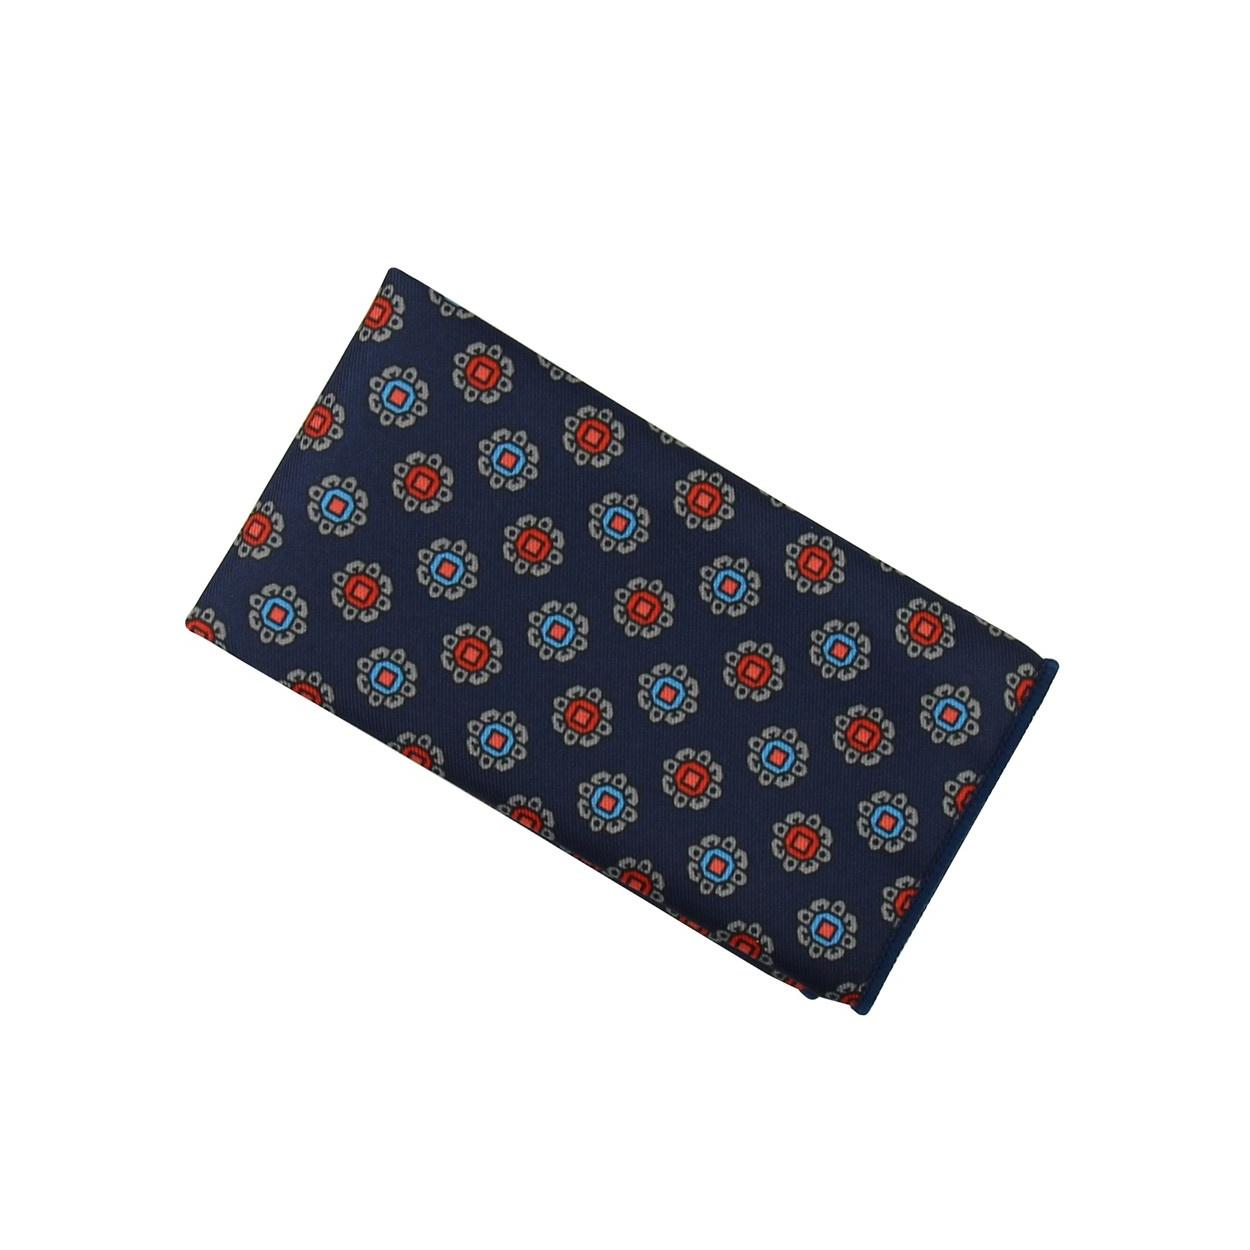 Tmavě modrý pánský kapesníček do saka s červeno modrými květy